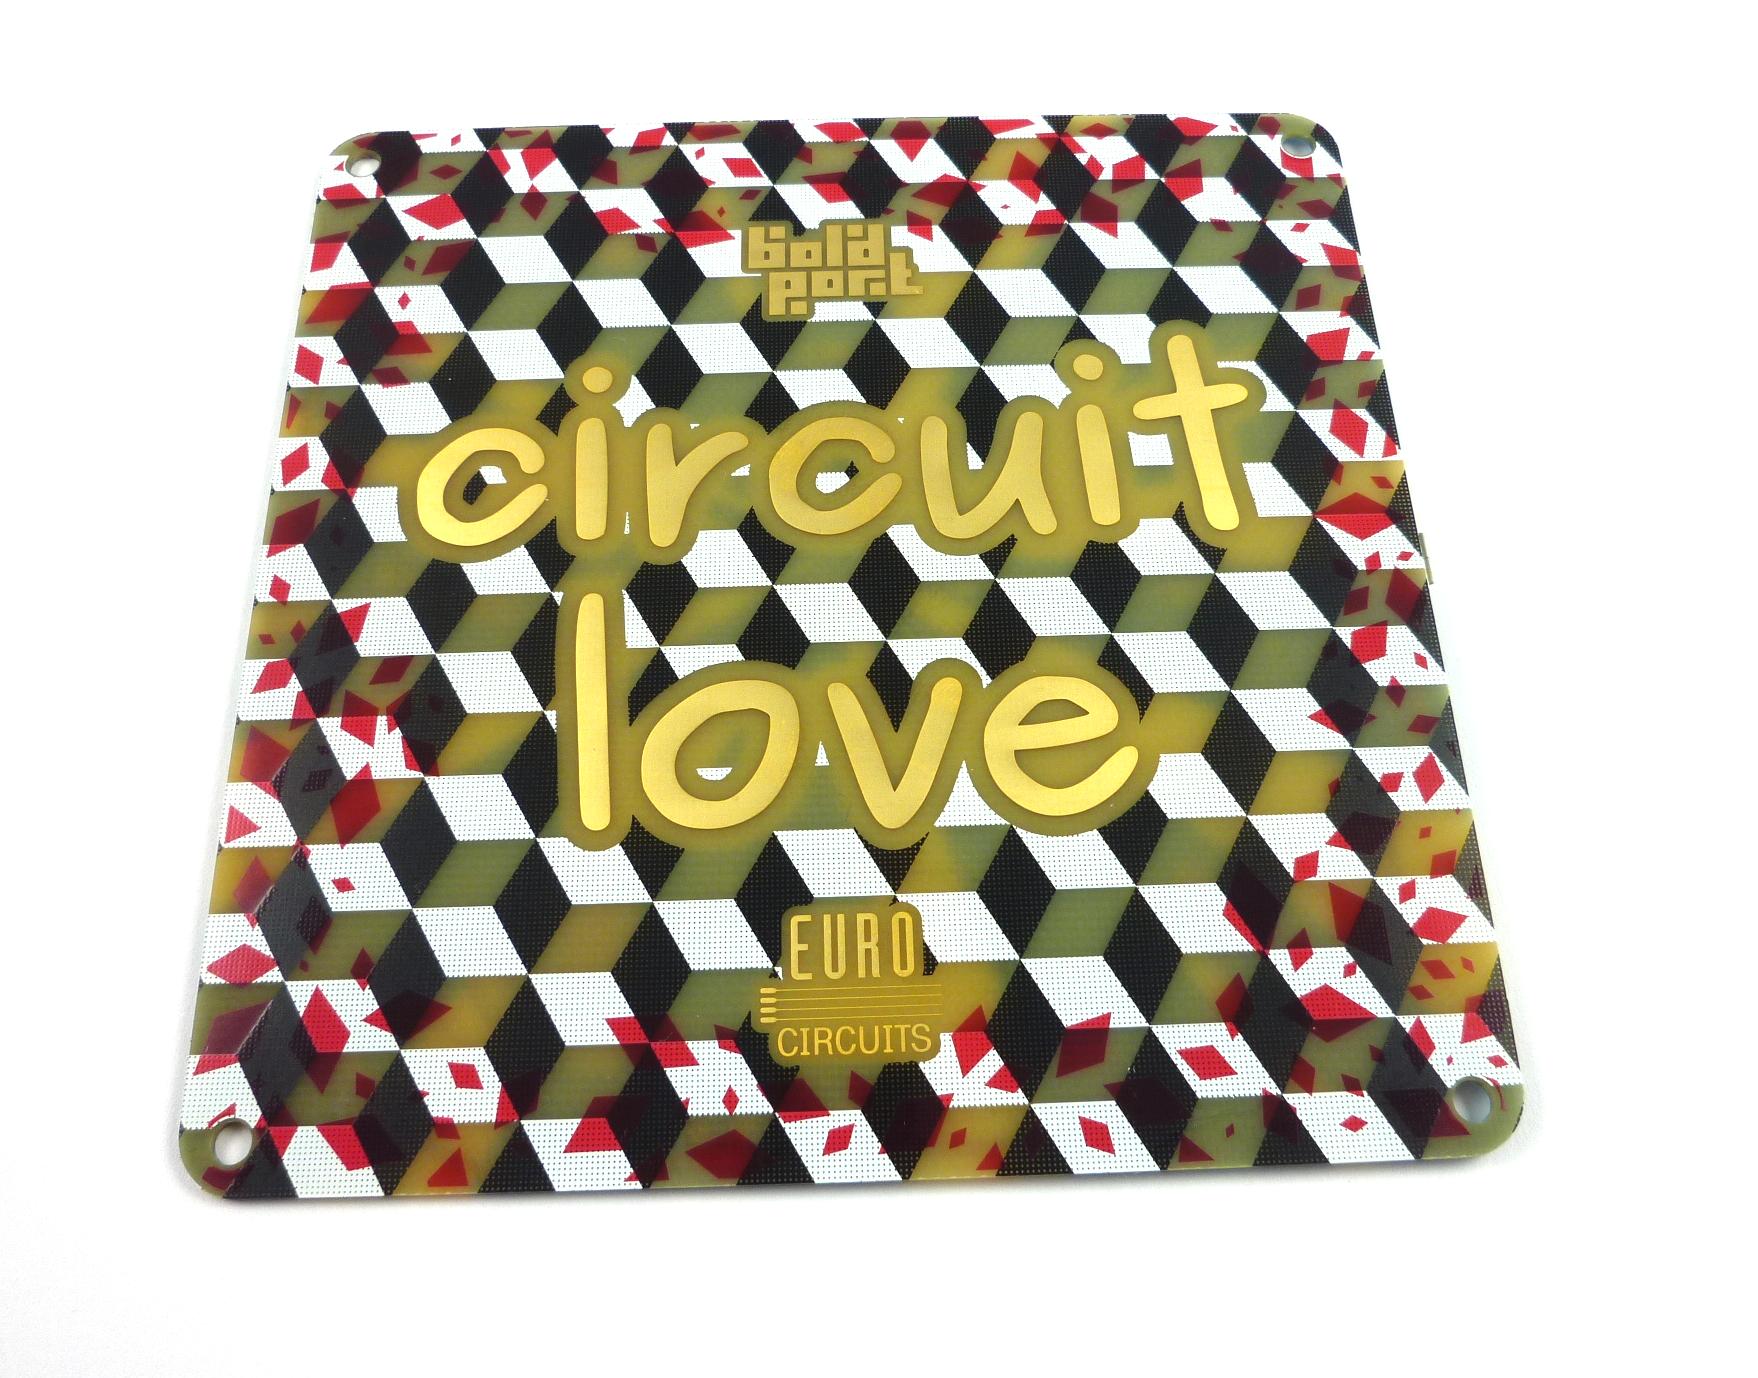 circuitlove-red-top.png